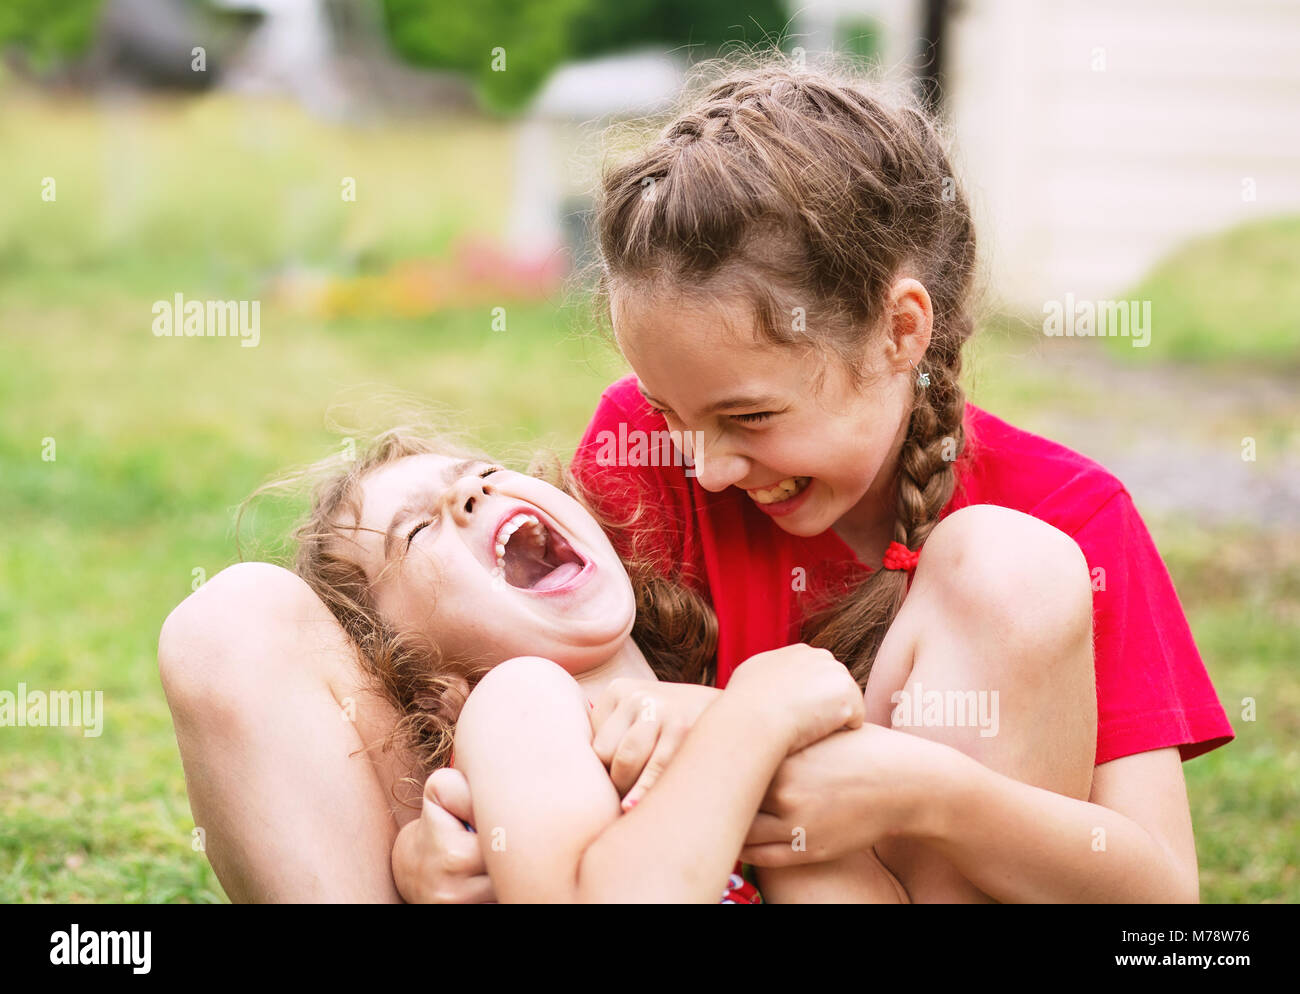 Dos niñas feliz abrazando y riendo en el parque Imagen De Stock